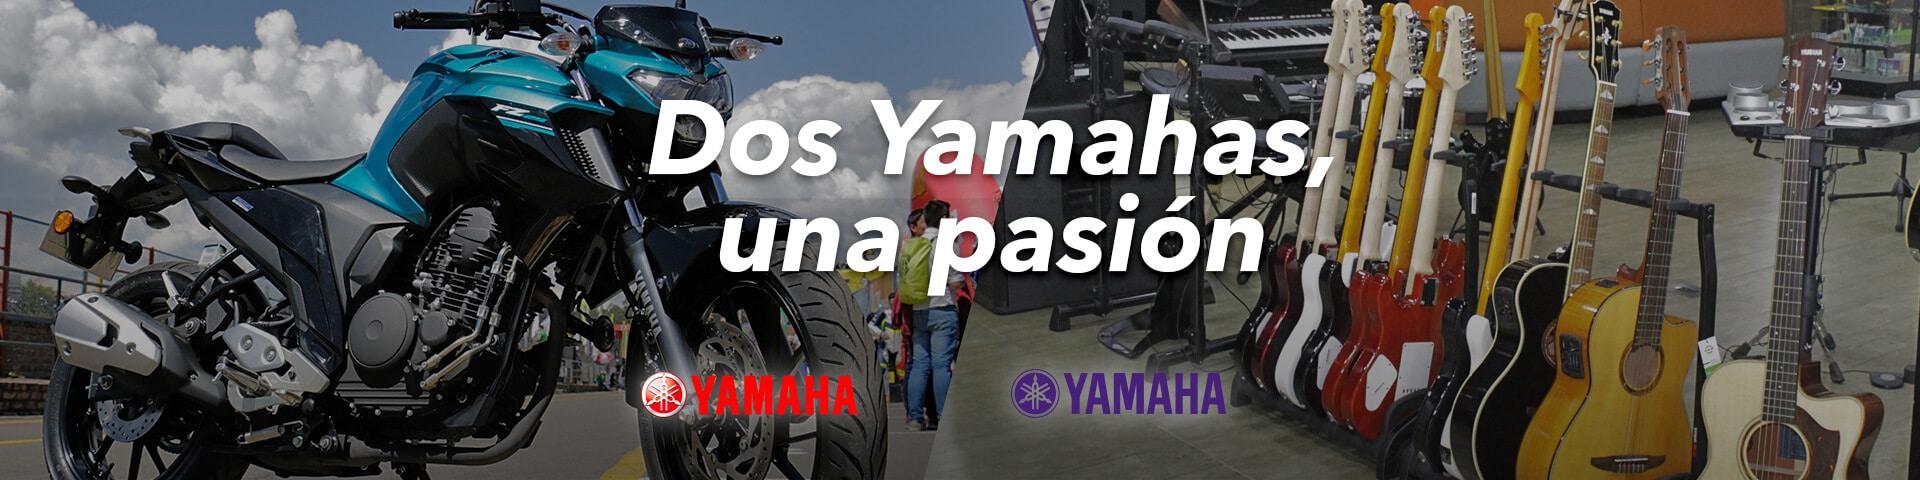 Dos Yamahas Una Pasión